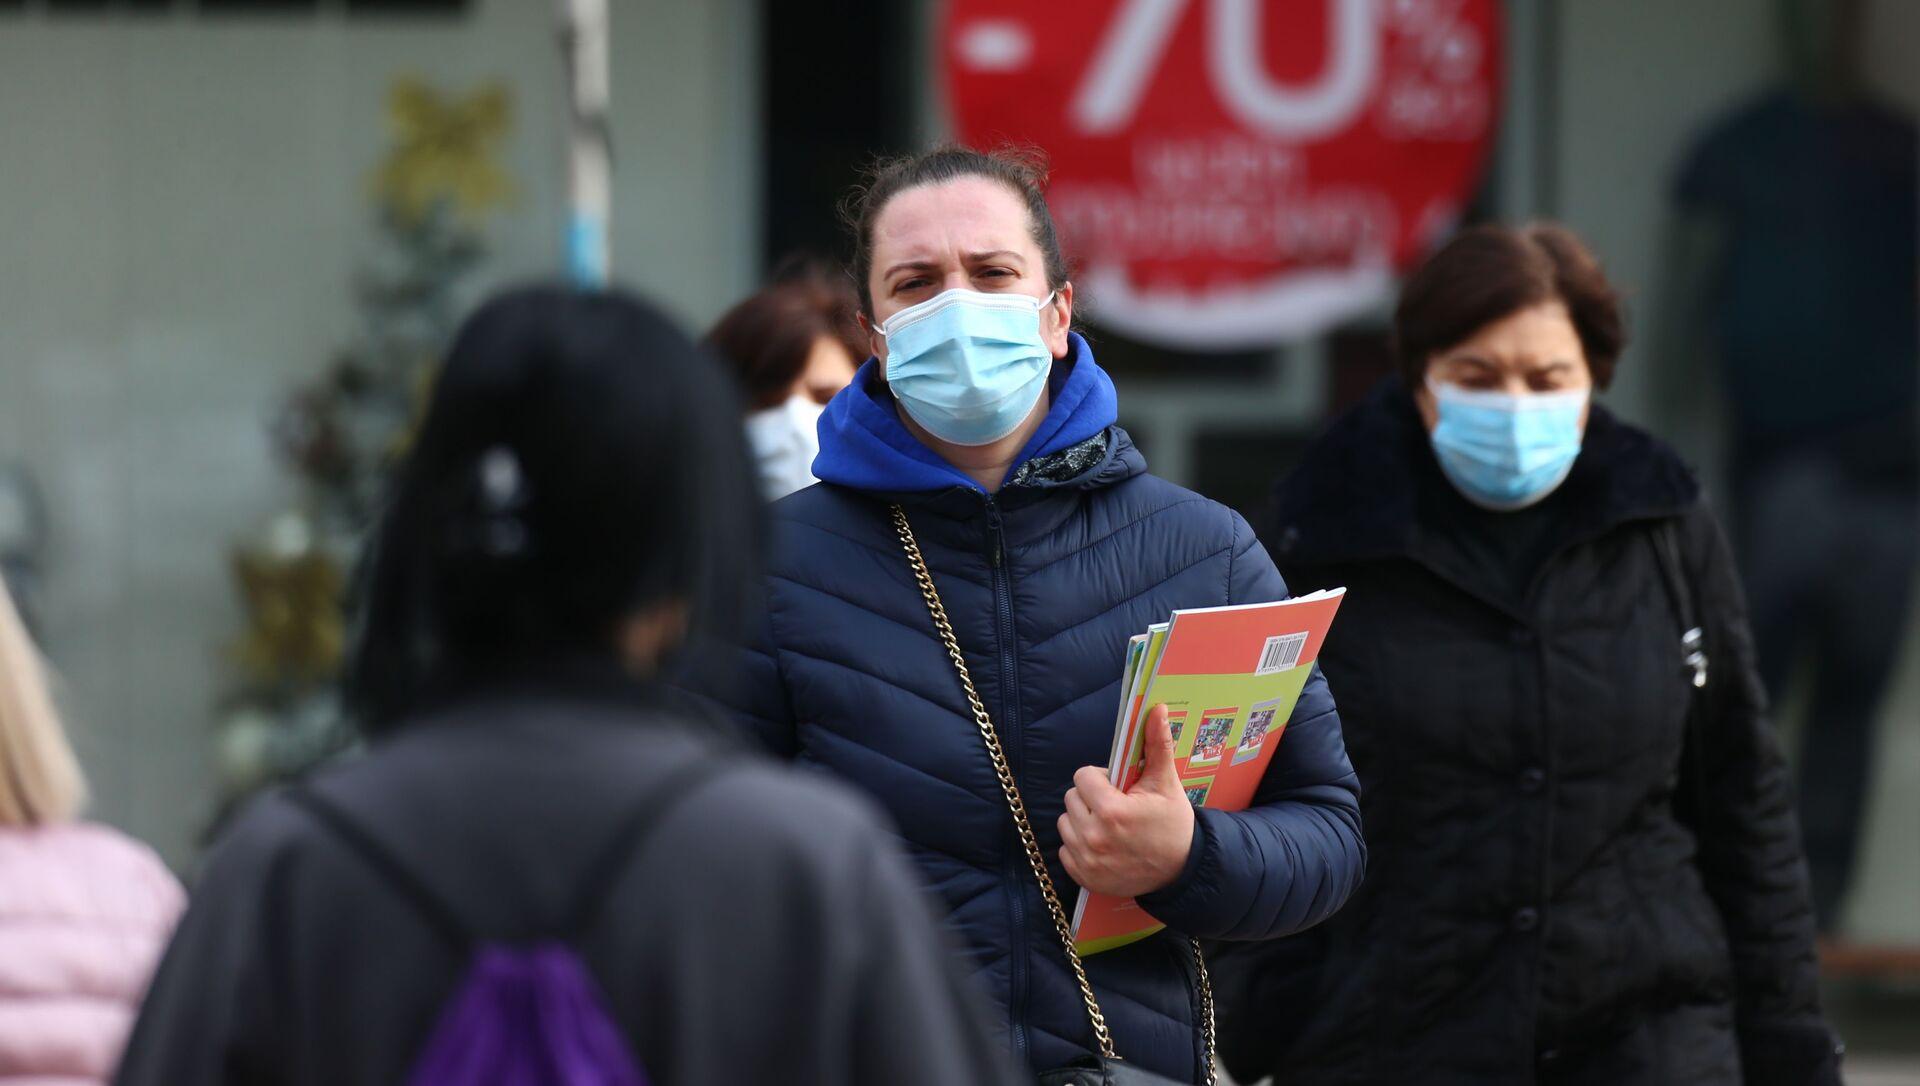 Эпидемия коронавируса - люди в масках в торговом центре - Sputnik Грузия, 1920, 03.02.2021